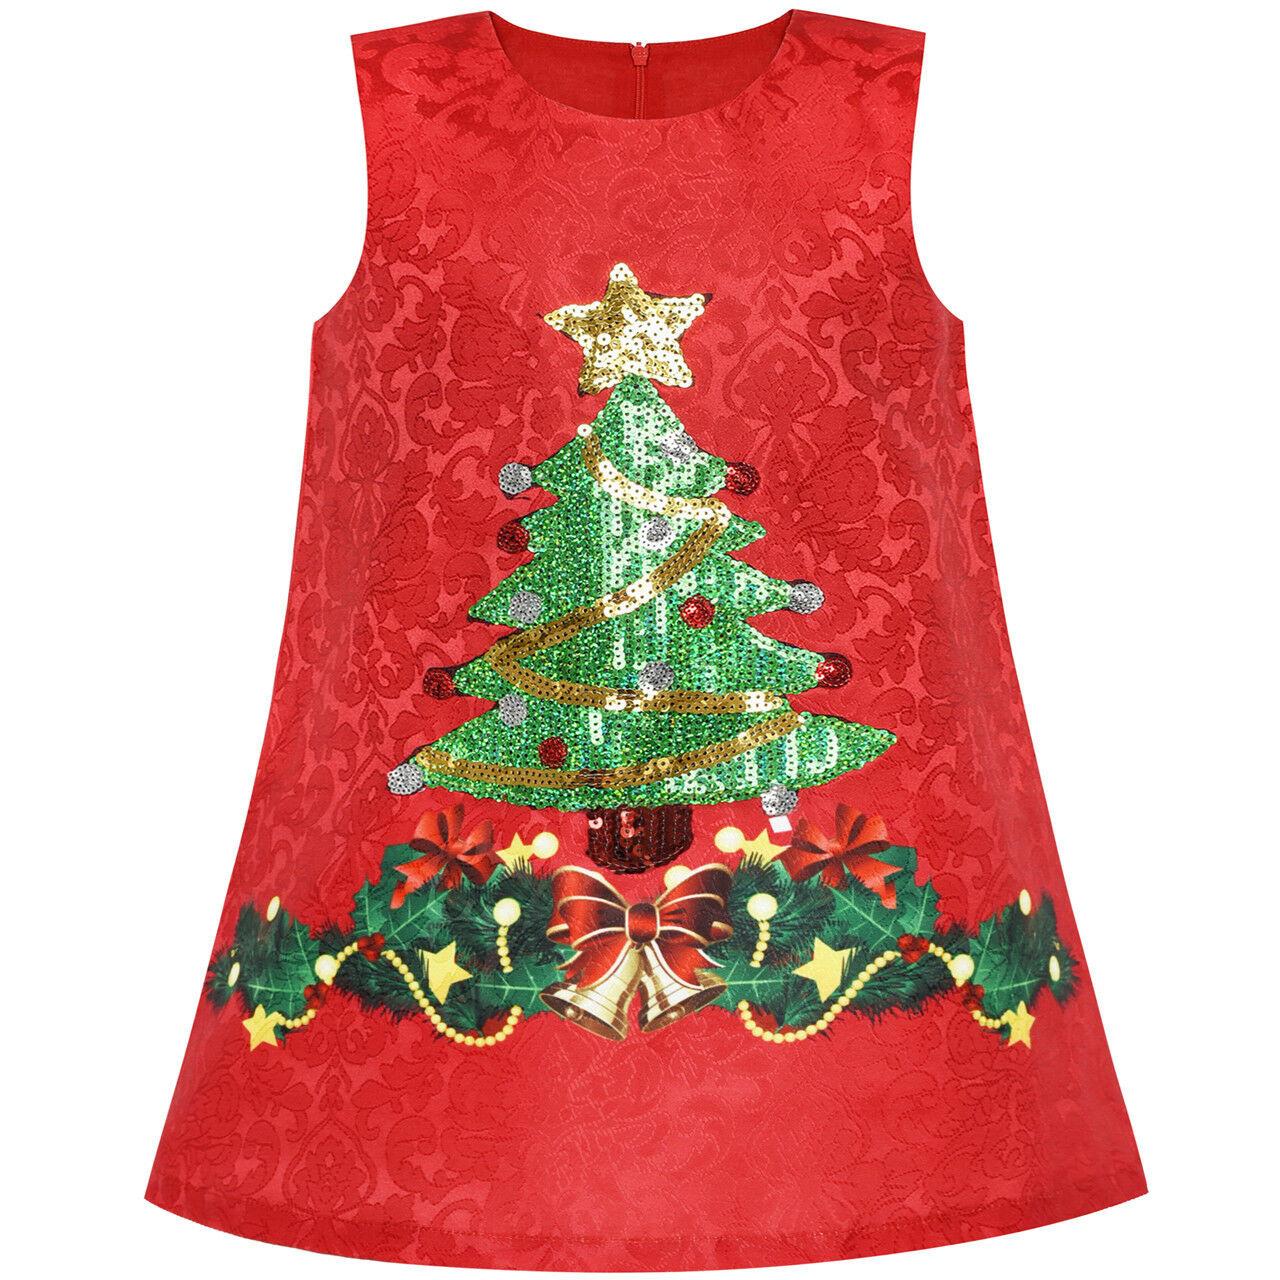 Подробные Сведения О Mädchen Kleid A-Linie Weihnachten Baum Weihnachten  Pailletten Funkelnd Urlaub